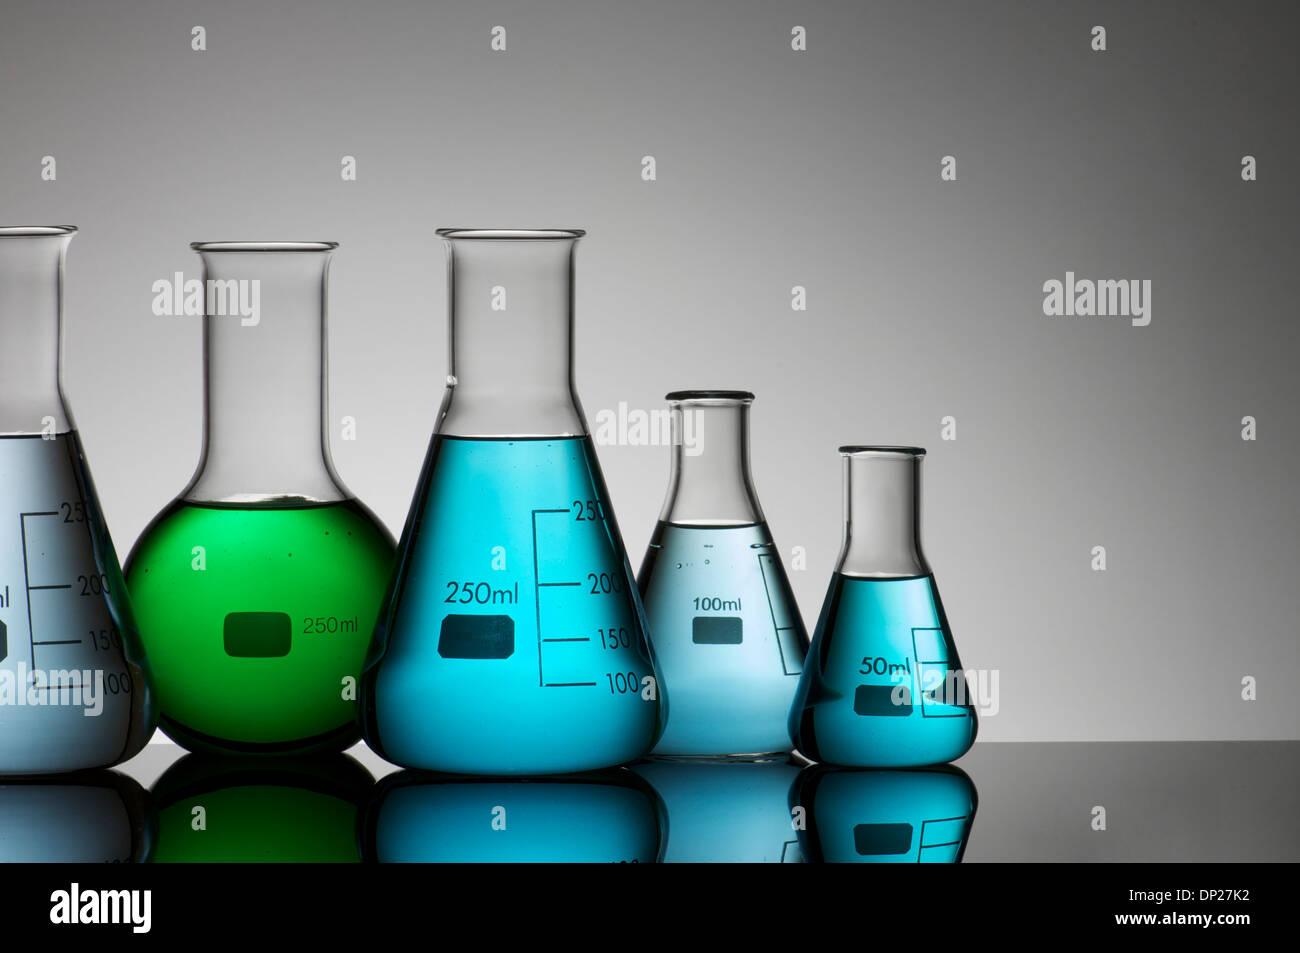 Labor-Fläschchen mit bunten Flüssigkeit im Inneren Stockbild